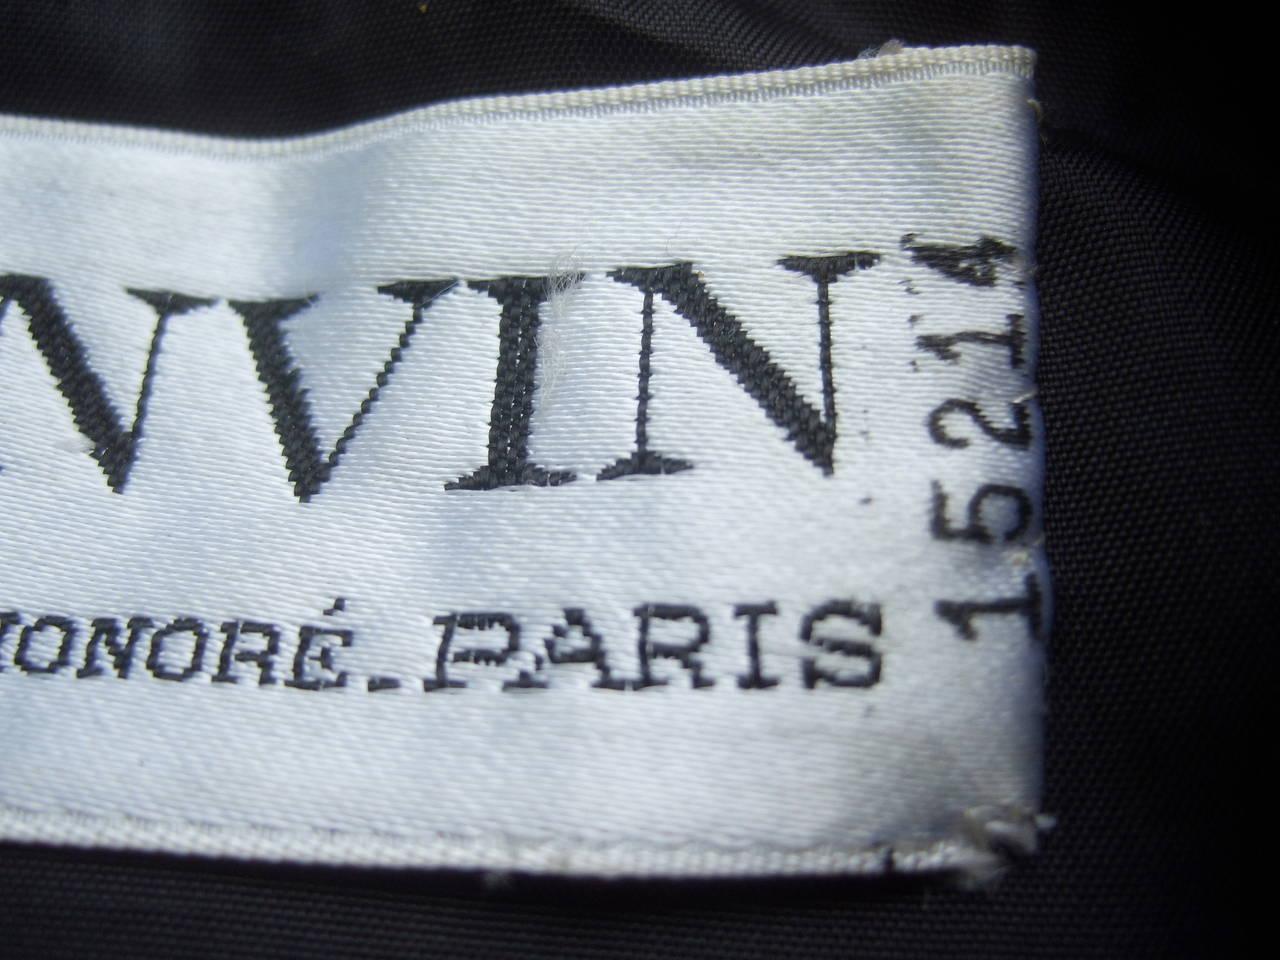 Lanvin Couture Paris Wool Jacket & Paisley Blouse Ensemble c 1980s 9